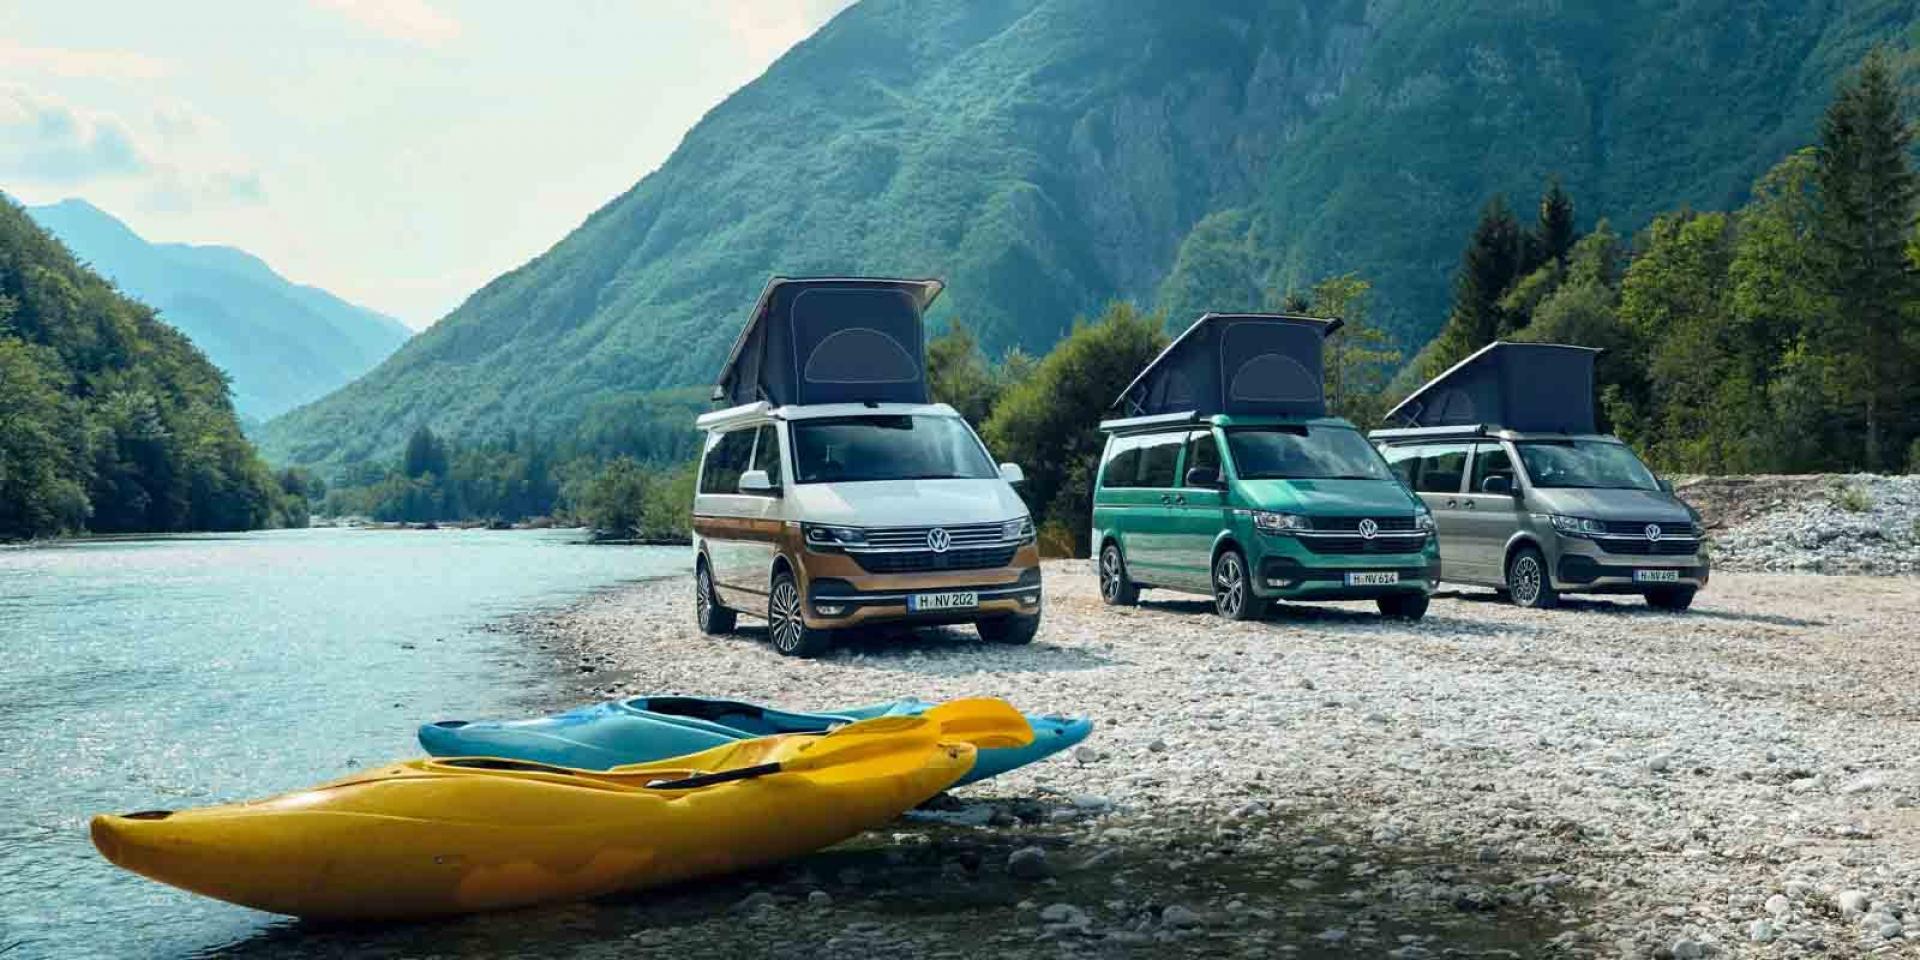 官方新聞稿。一生絕對要有的夢幻露營車全員到齊。T6.1 California Coast限量上市,貫徹VanLife精神